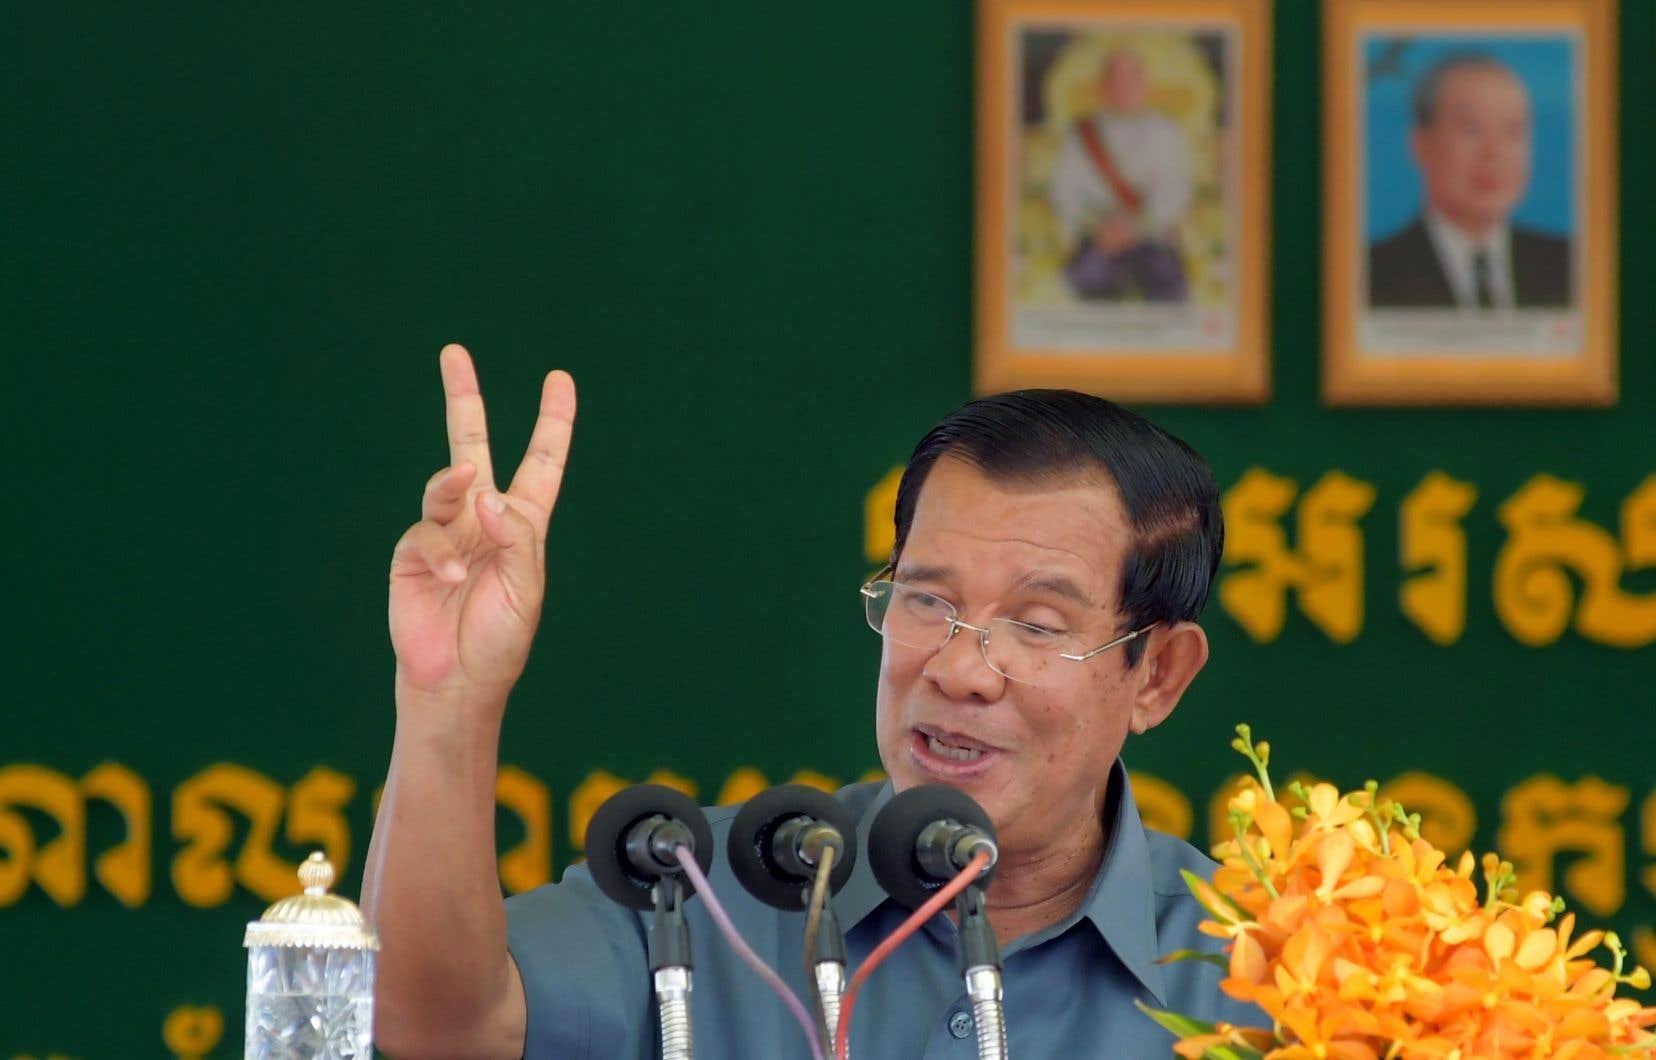 Le premier ministre cambodgien Hun Sen a prononcé un discours le 15 août 2018 à l'occasion d'un grand rassemblement de travailleurs du textile à Phnom Penh.